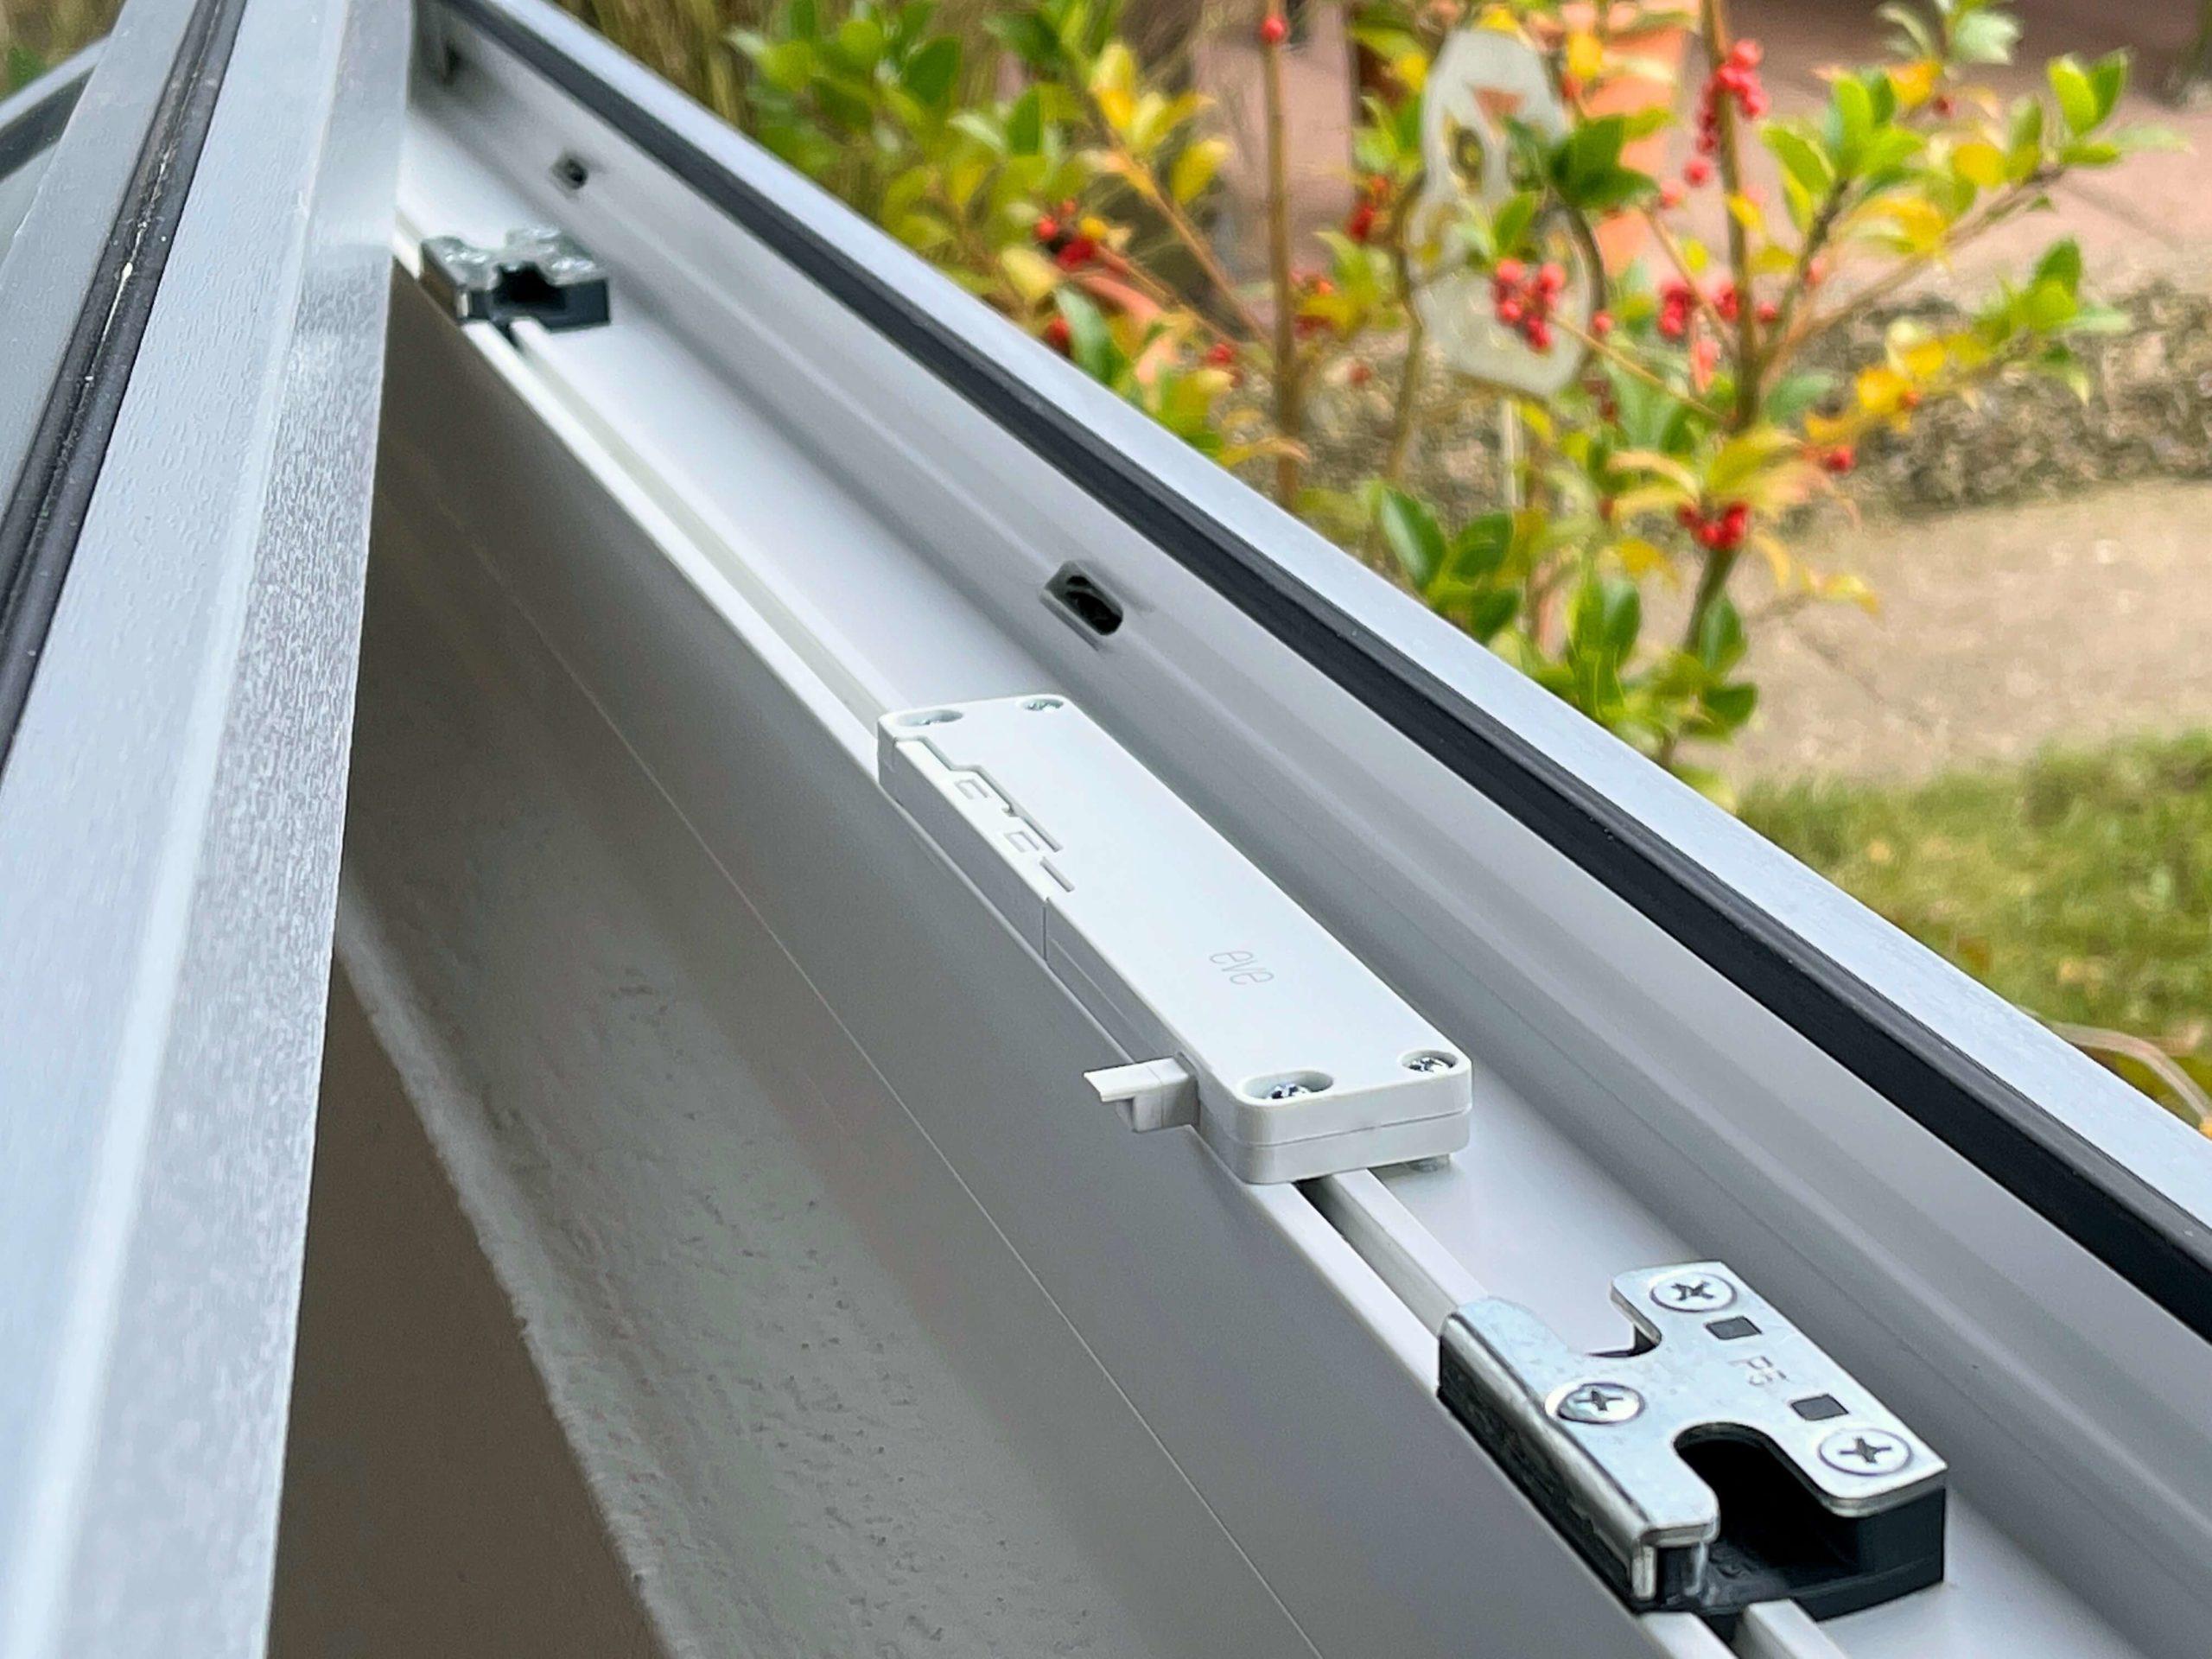 Eve_Window_Guard_Apple_HomeKit_Fenster_Sensor6-scaled Eve Window Guard - Fenster via Apple HomeKit absichern und überwachen